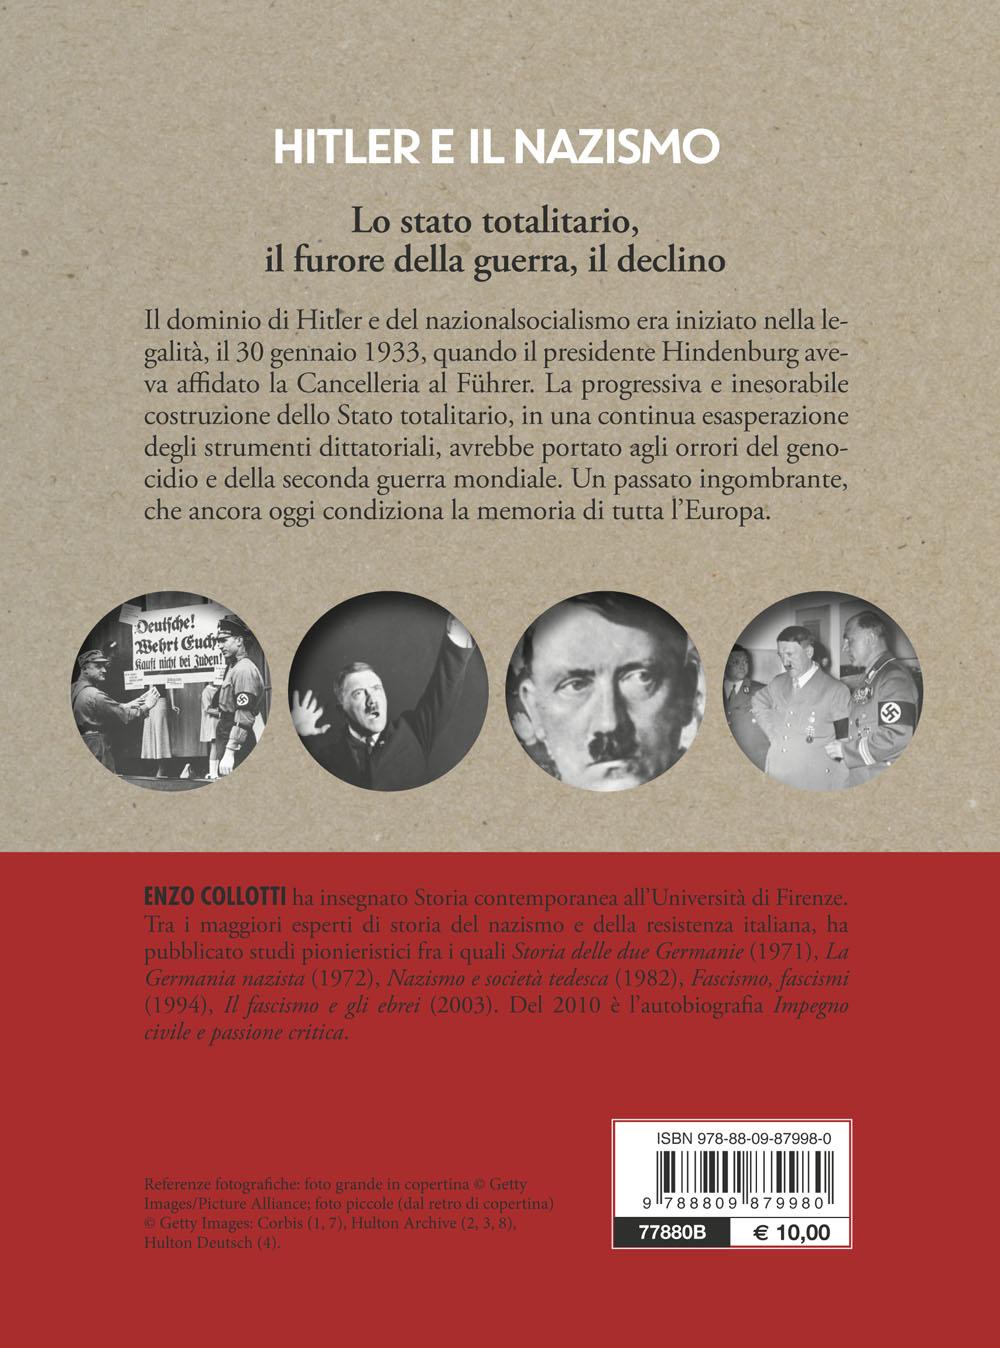 Hitler e il nazismo